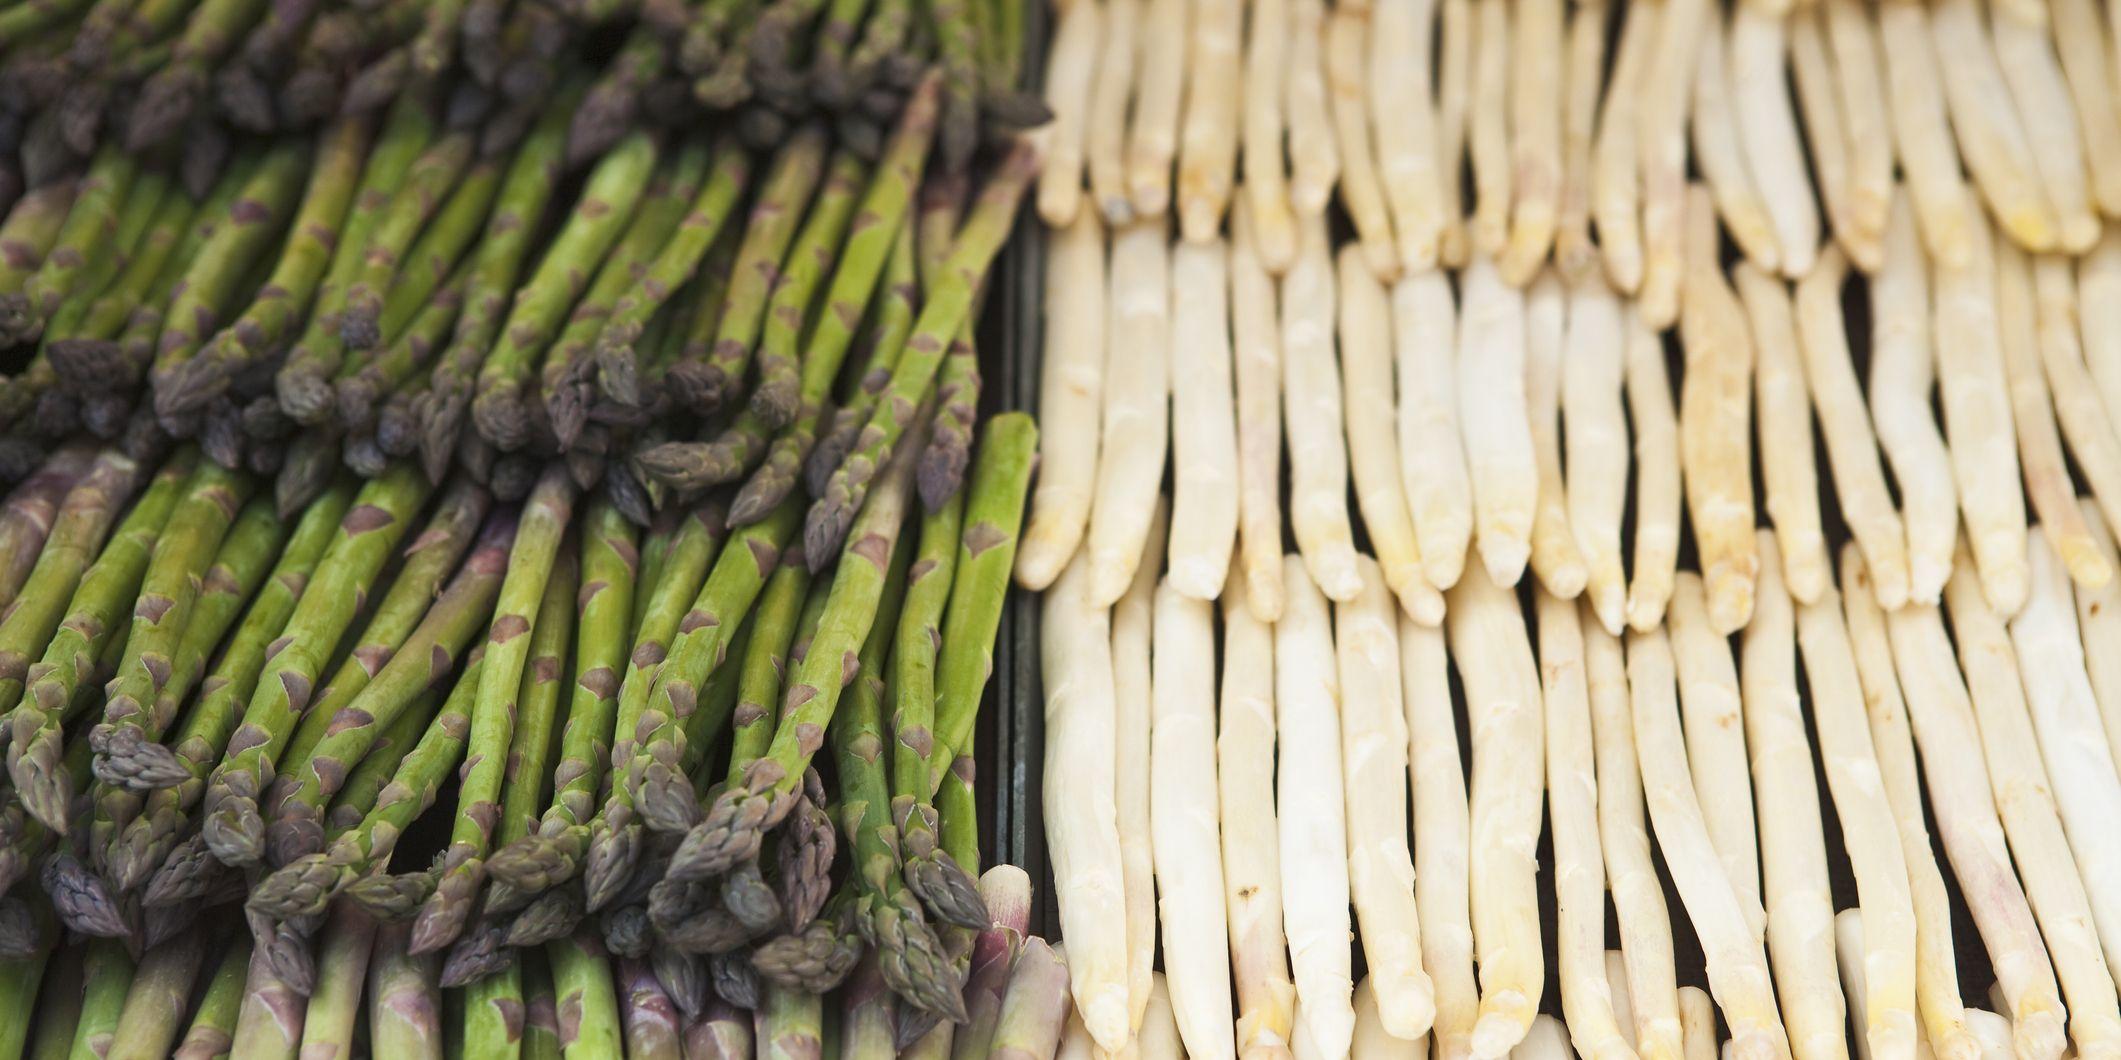 Groene en witte asperges: ze zijn er weer!